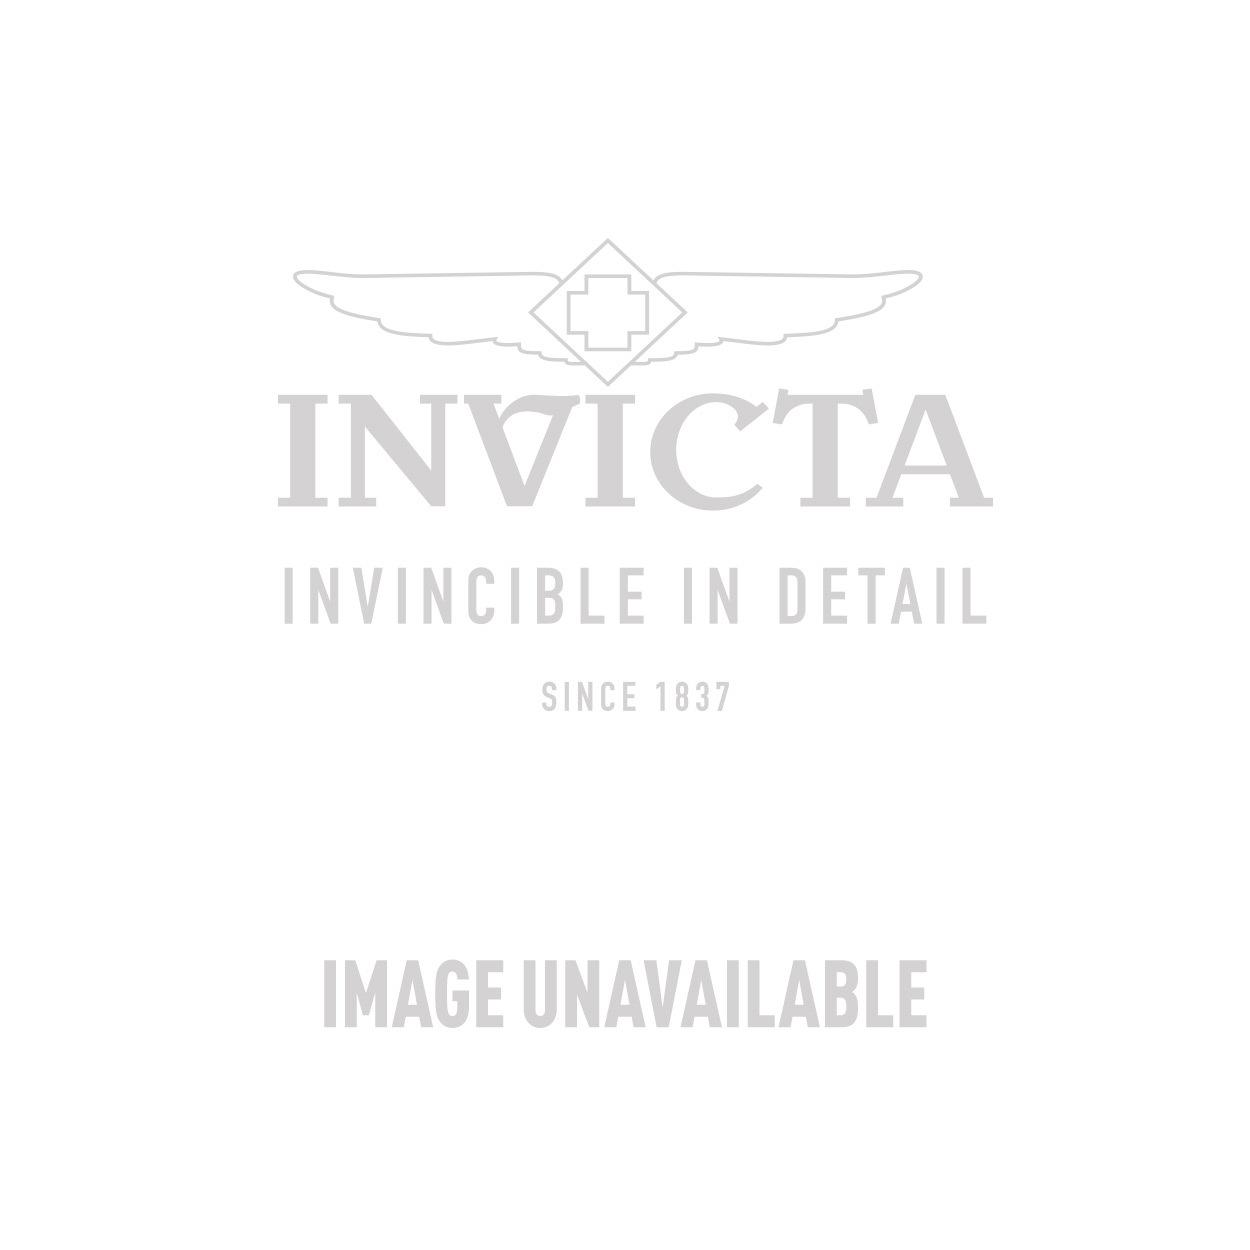 Invicta Model 24933